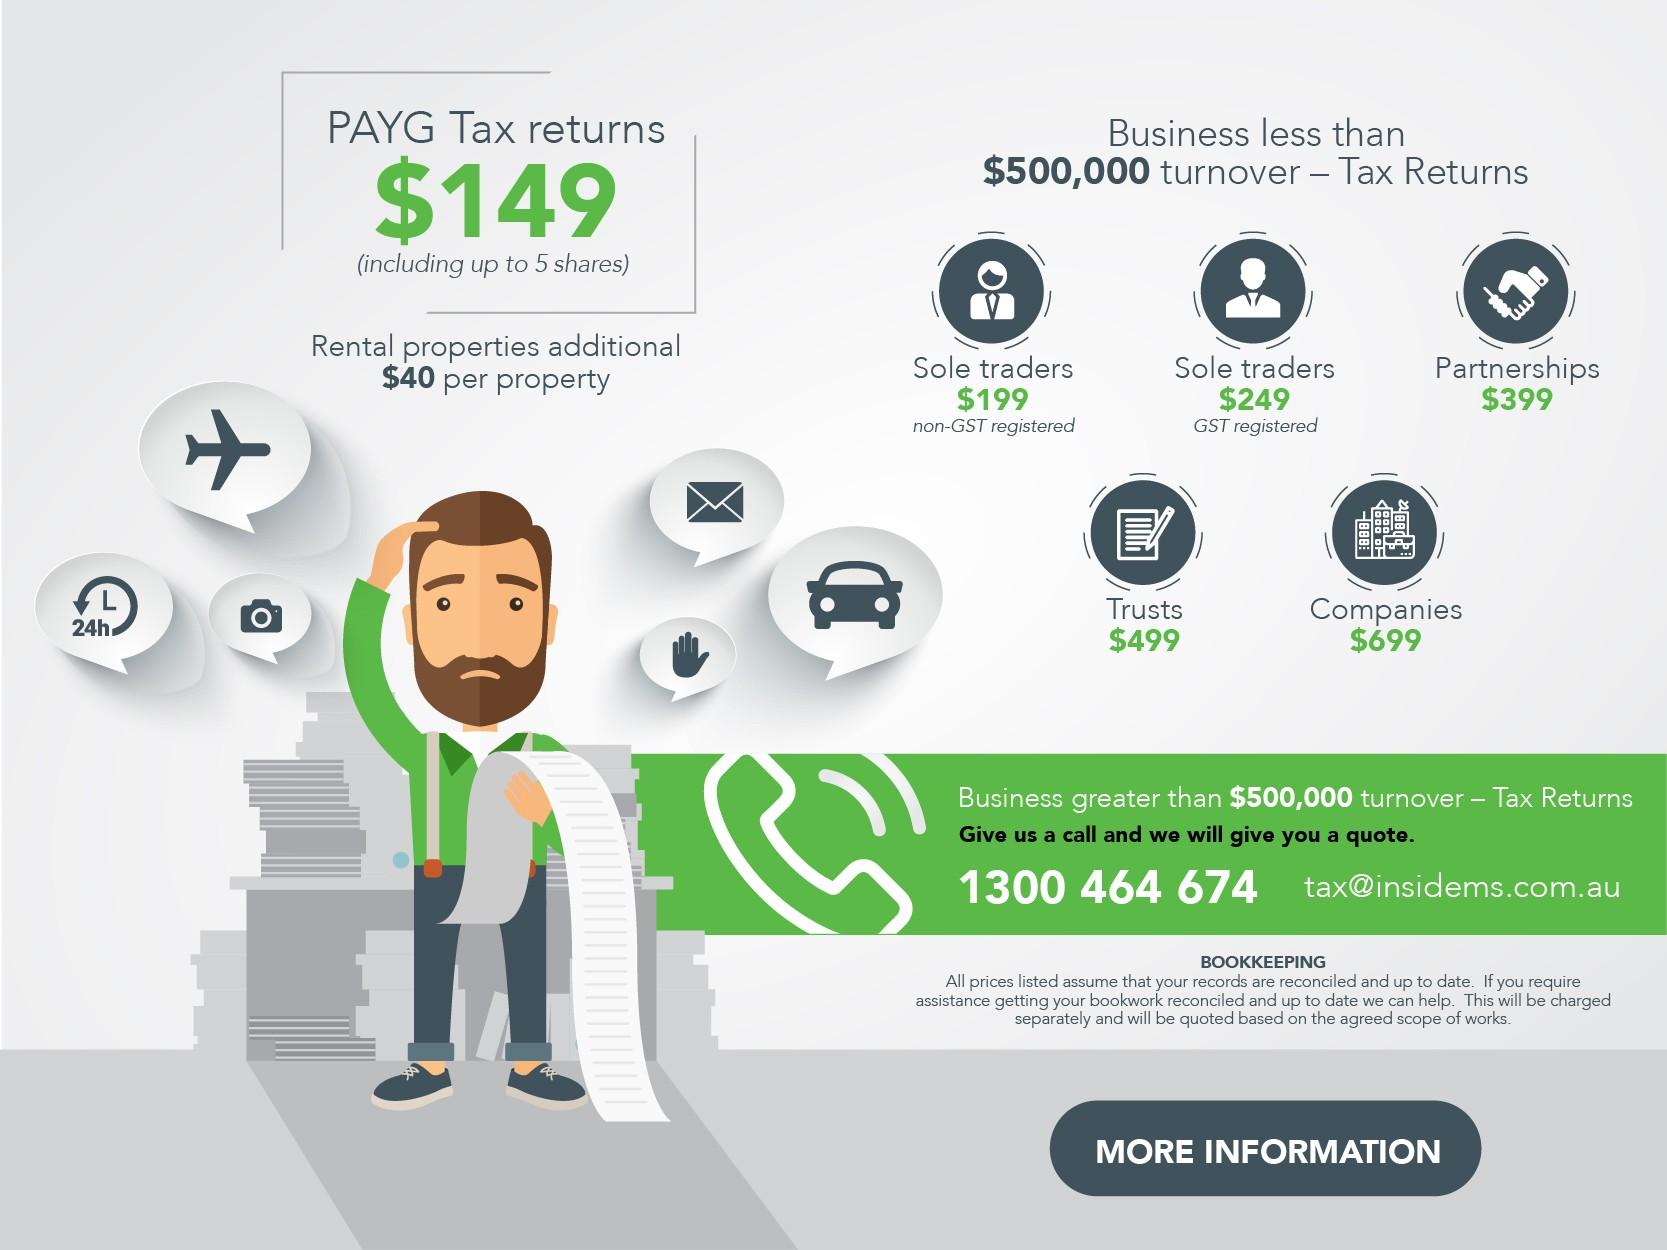 Tax brochure - however, facbook post instead.